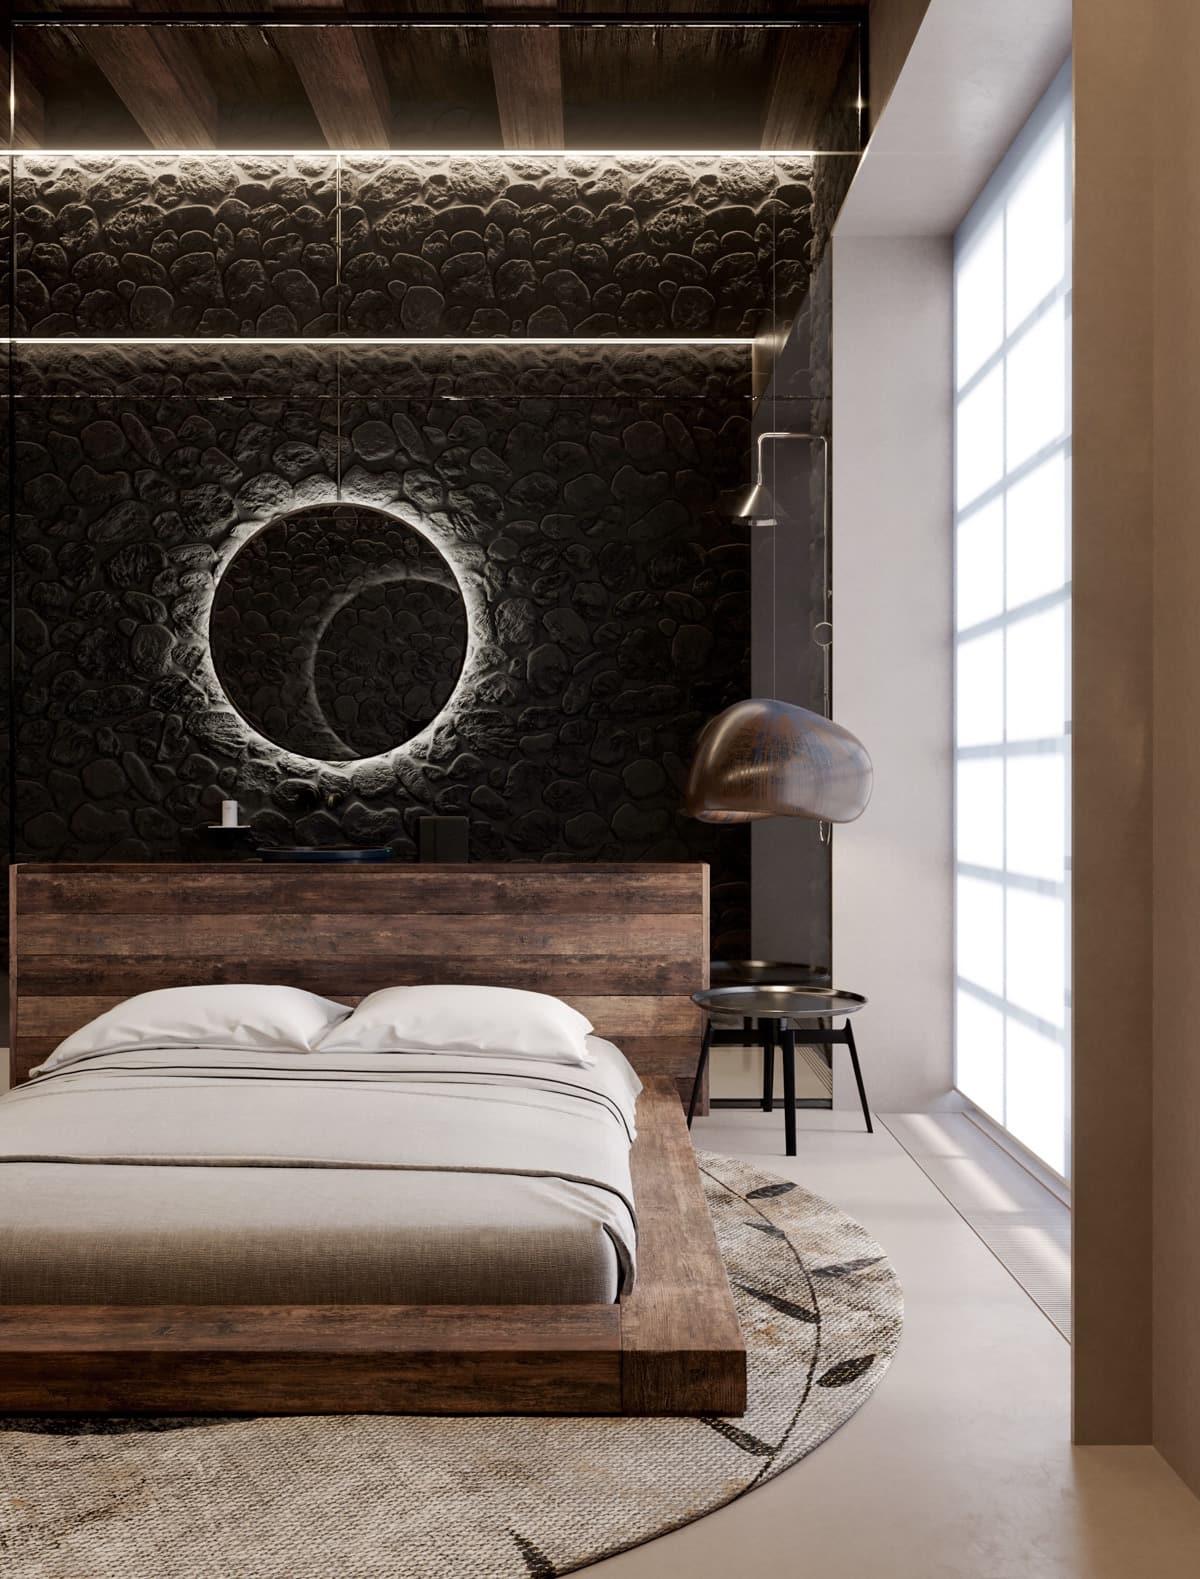 Оформление окна в спальне в современном стиле - 45 фото